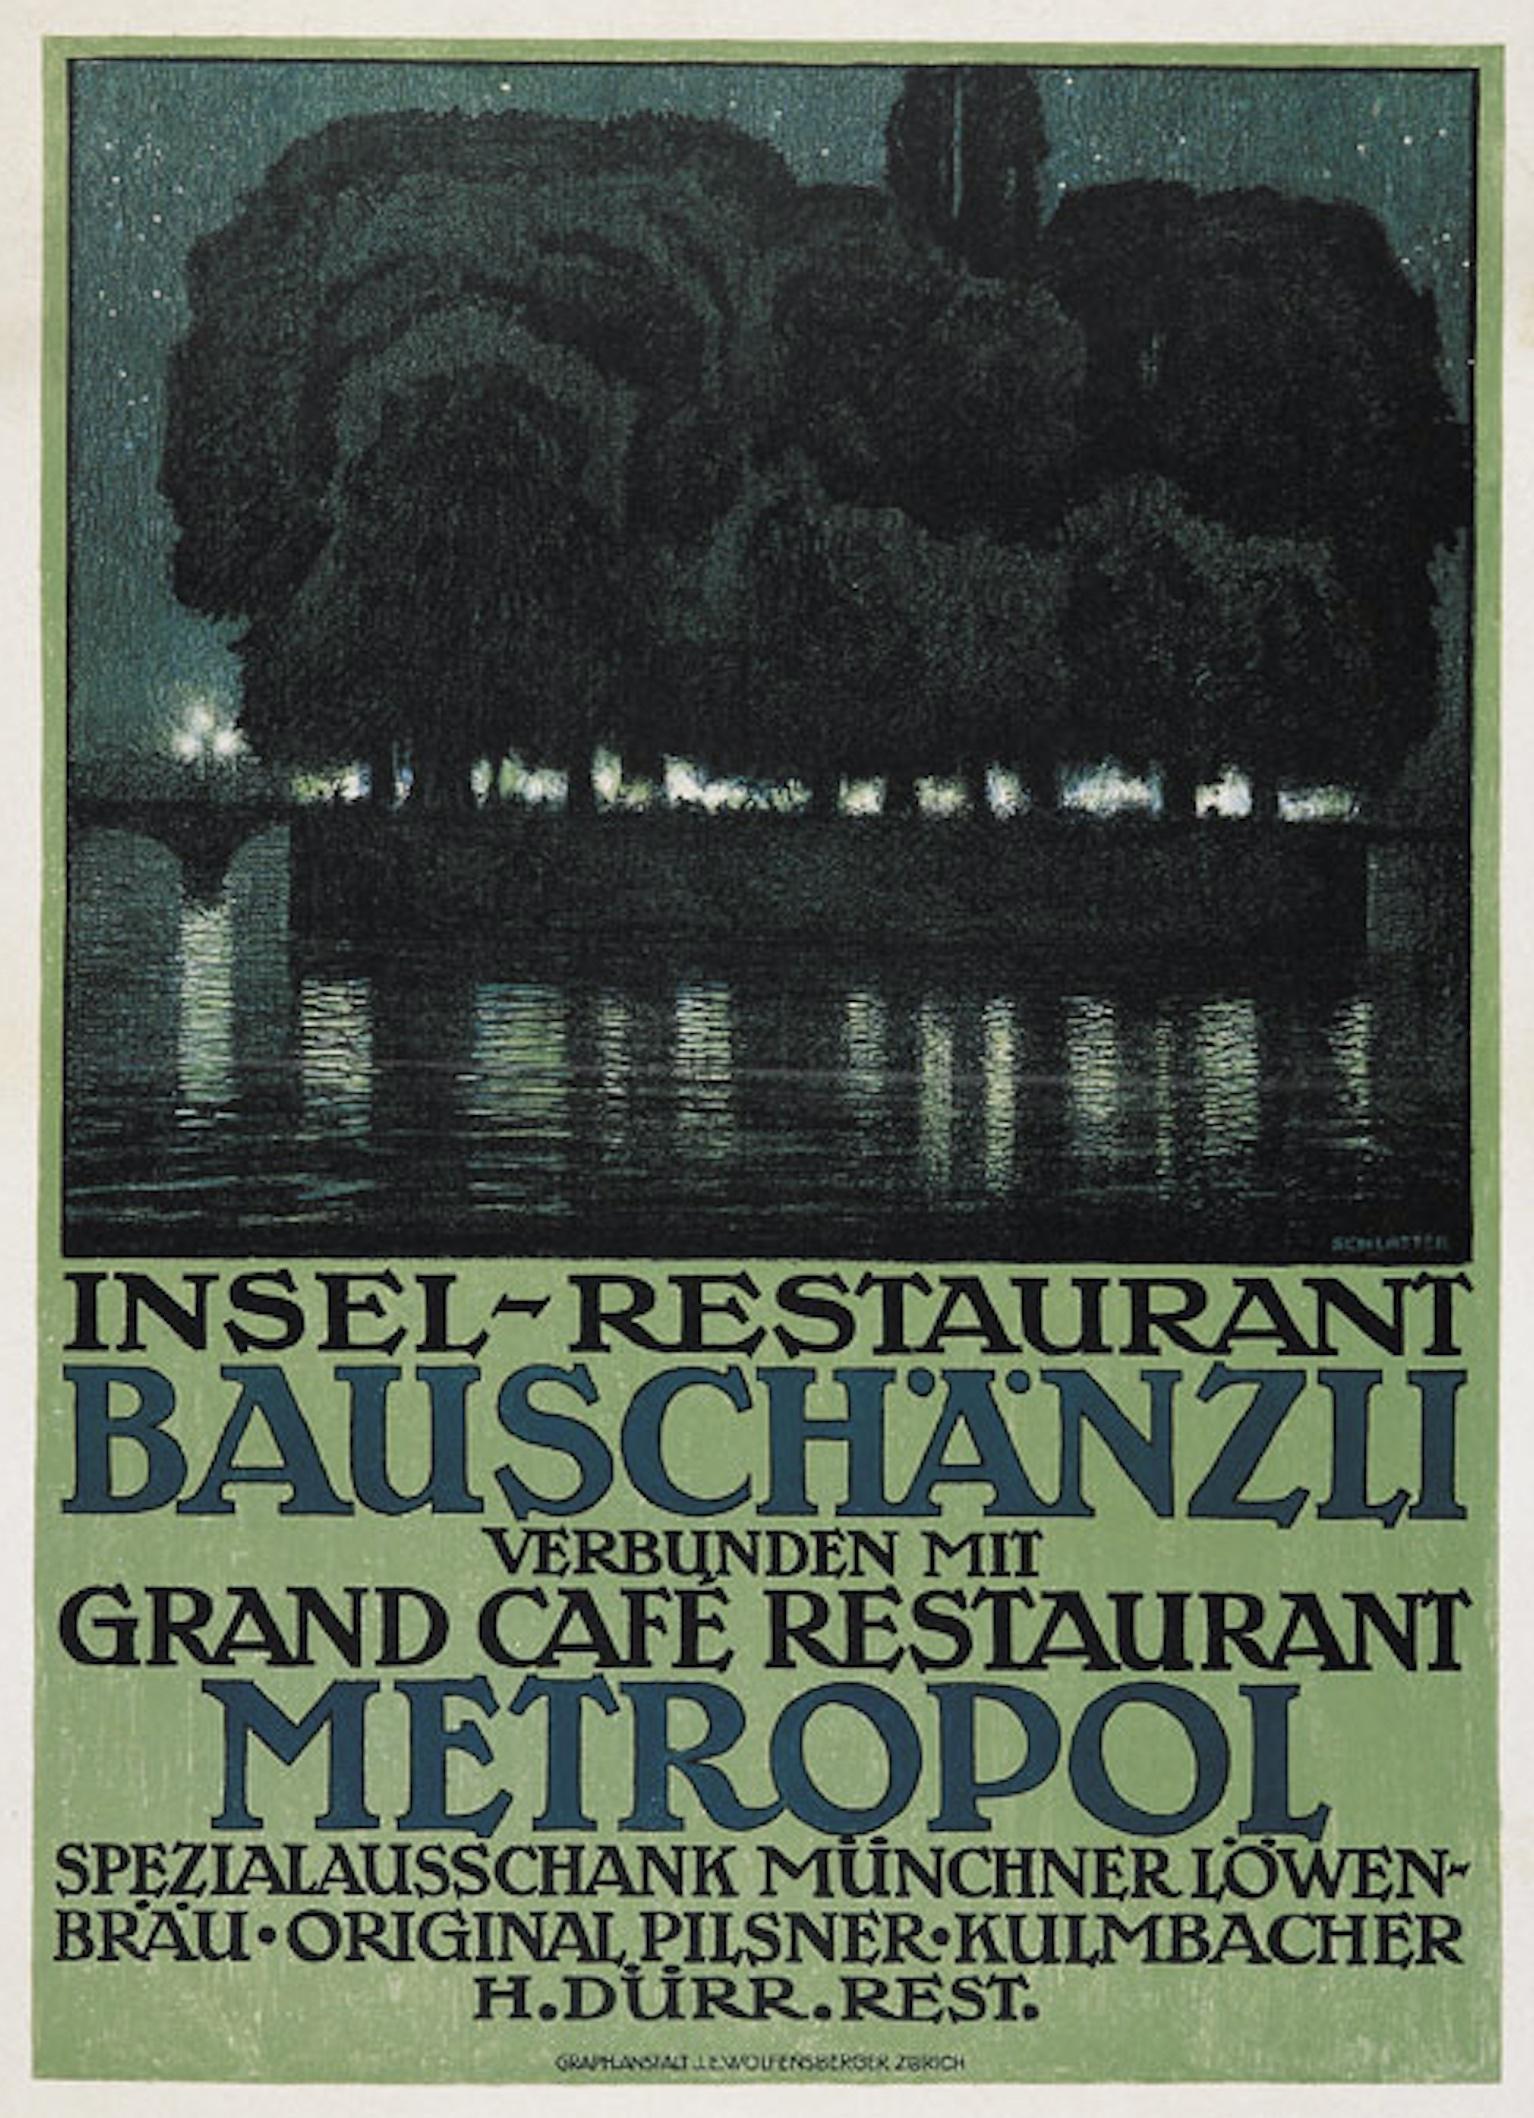 Emil Schlatter, 1917: Bauschänzli